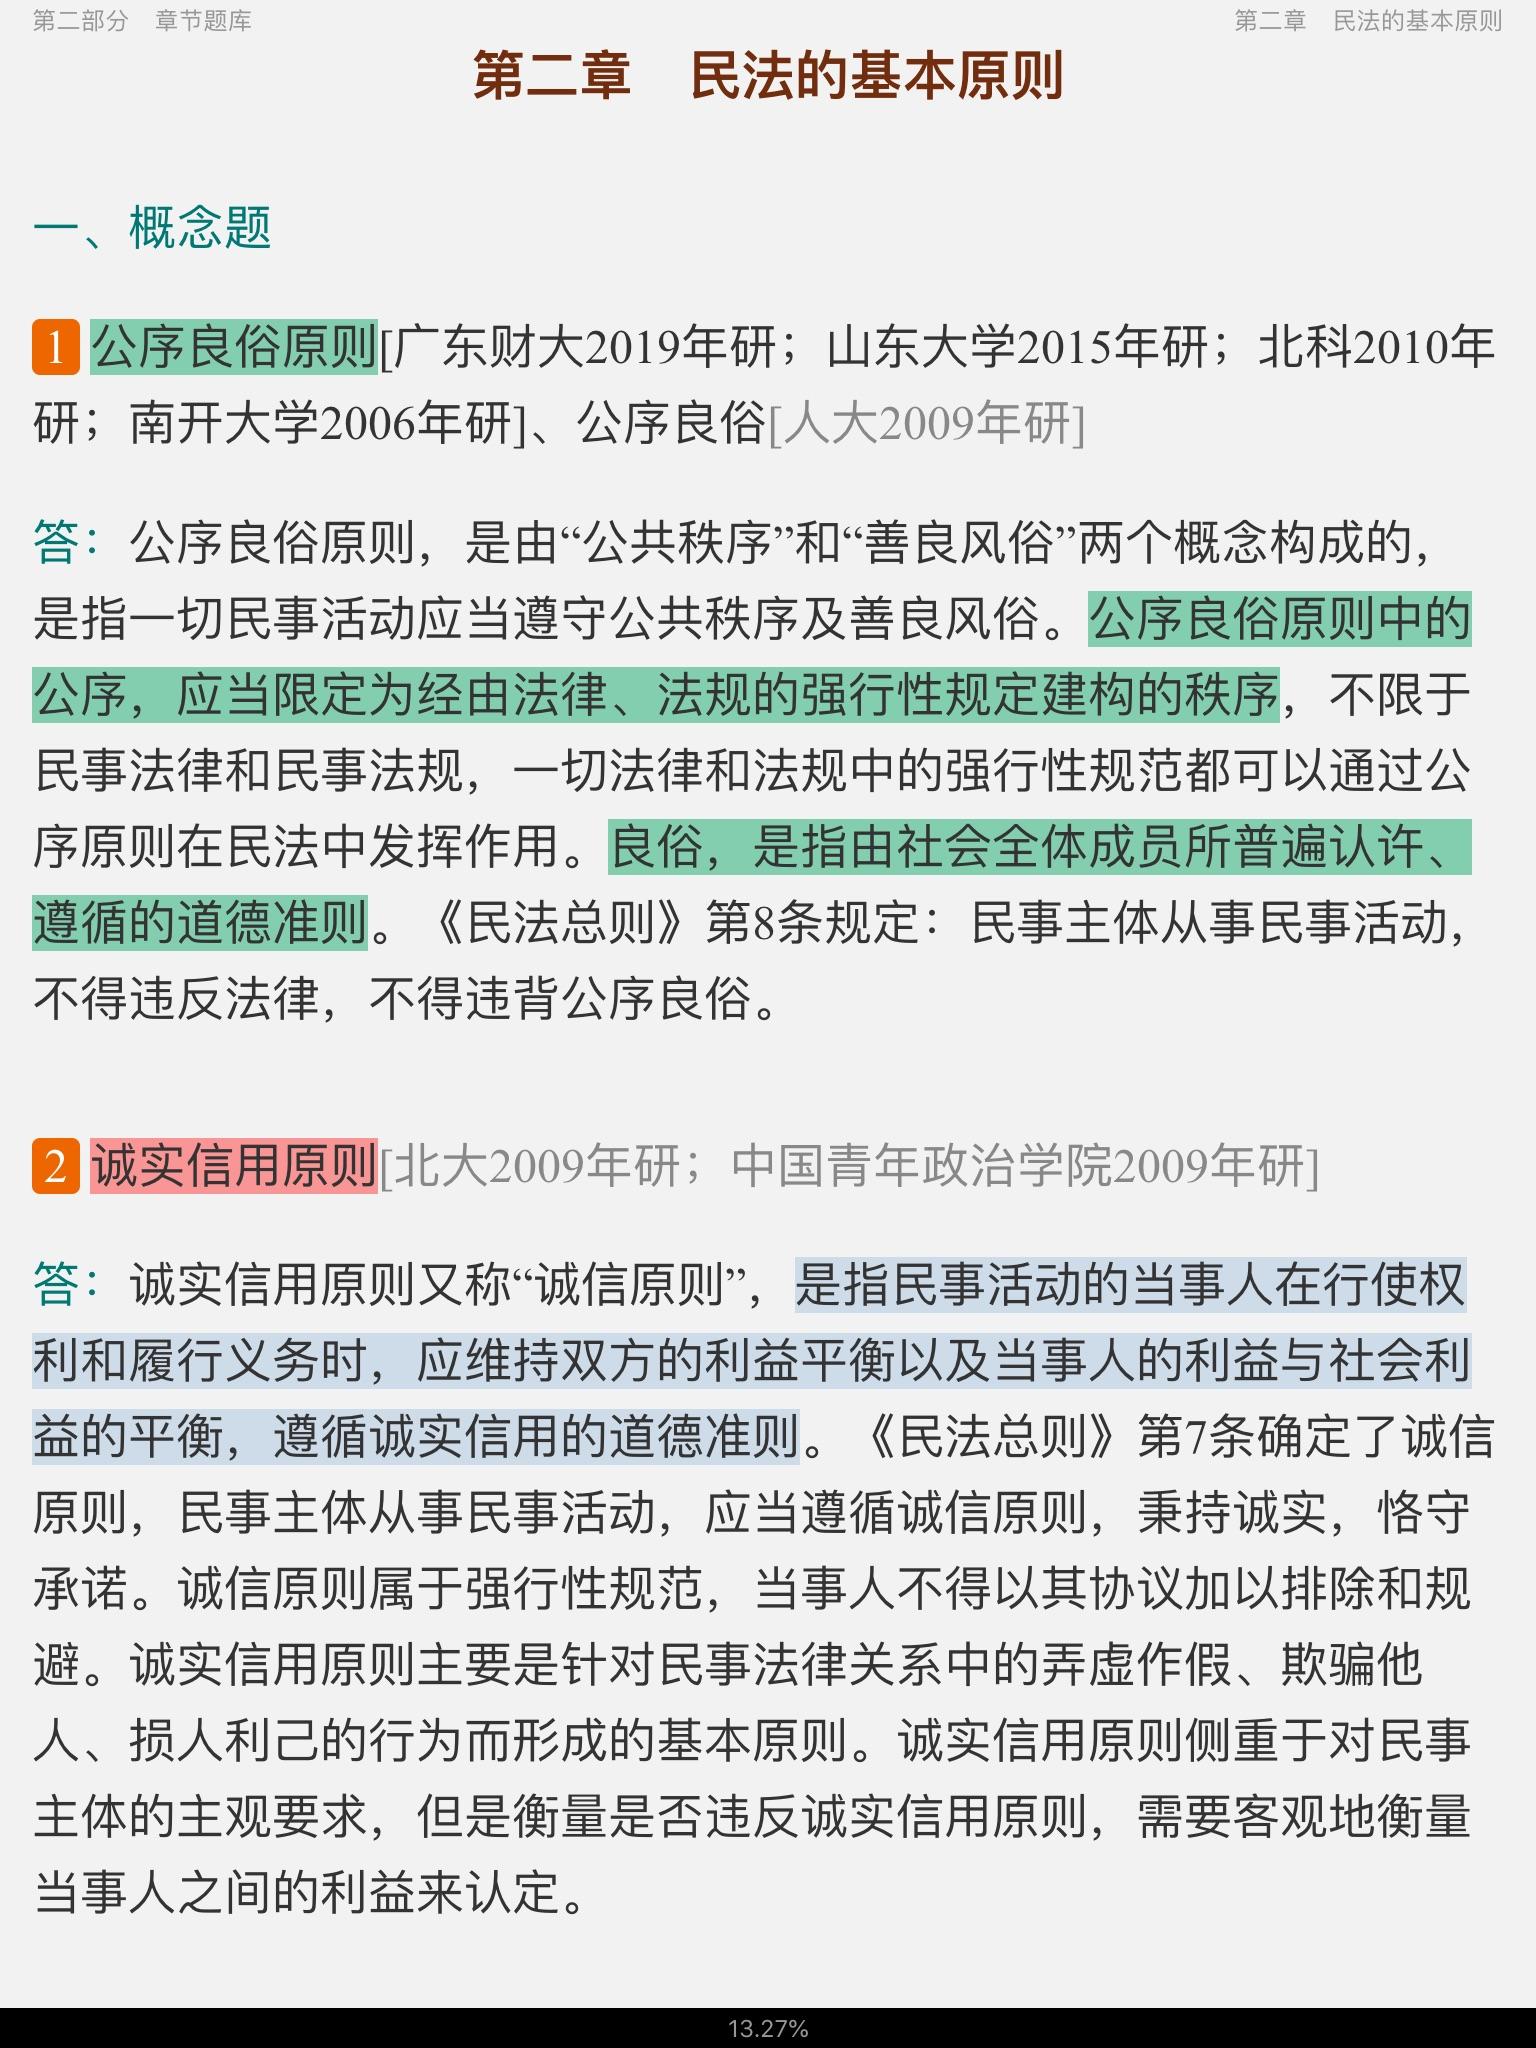 王利明、楊立新《民法學》(第5版)配套題庫【考研真題精選+章節題庫】